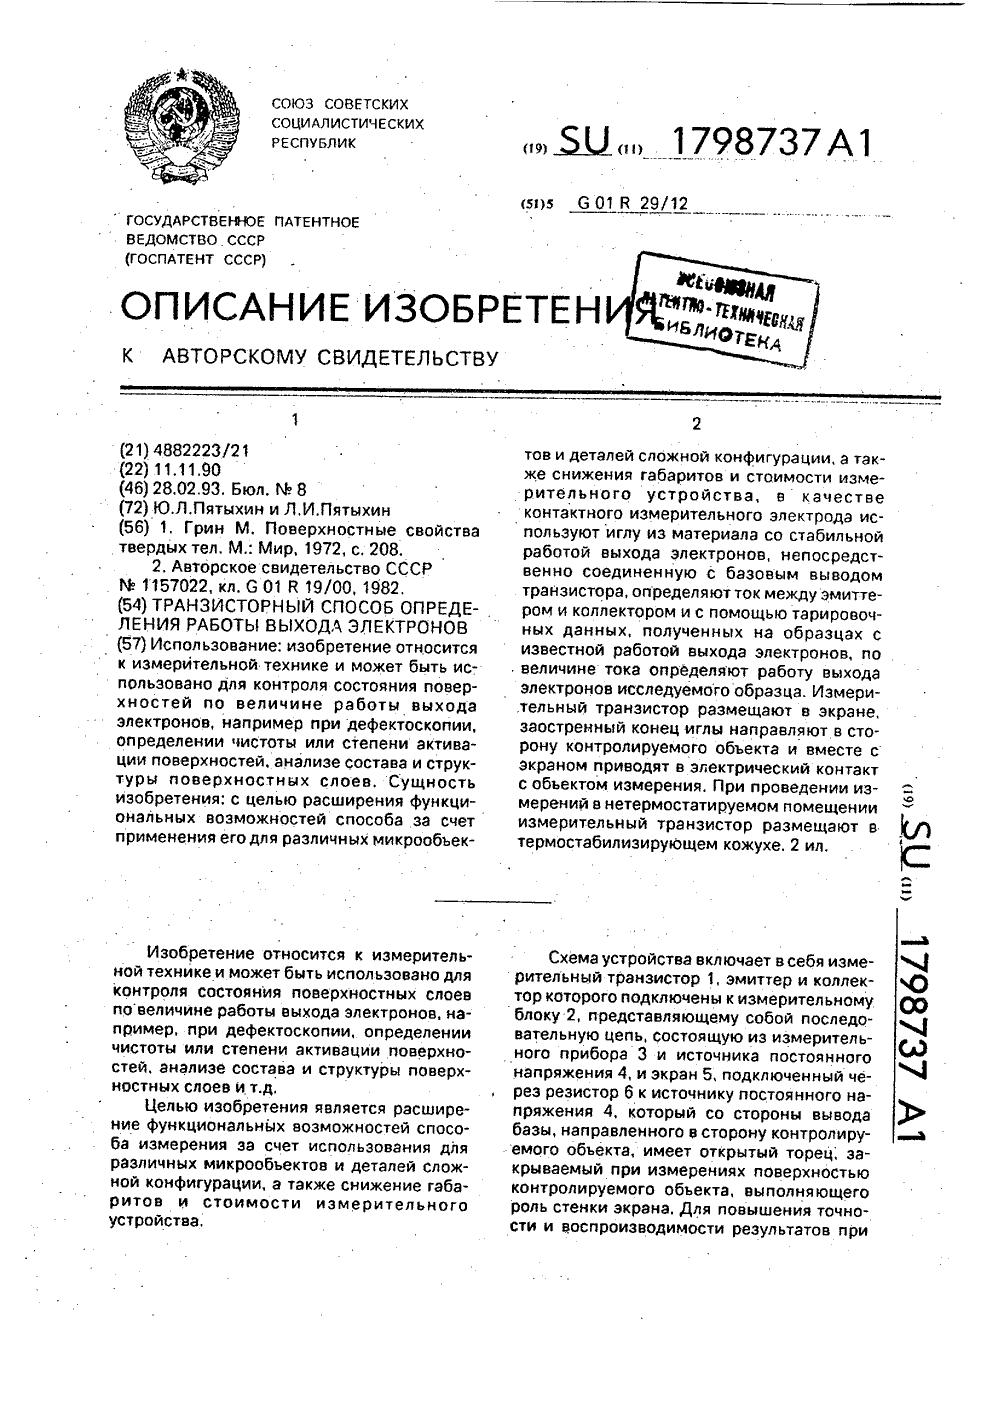 схема включения транзисторного оптрона с выводом базы